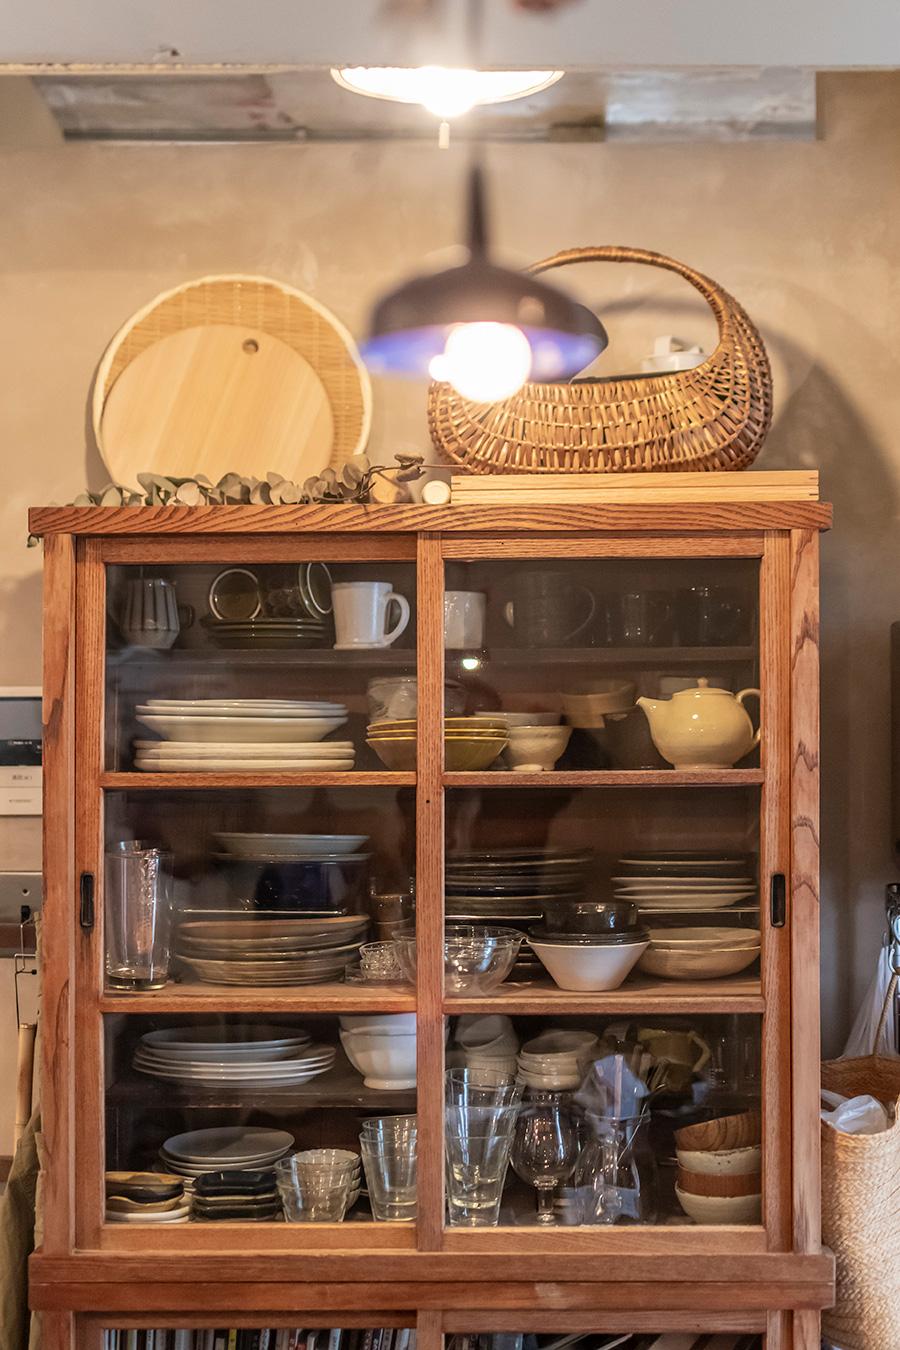 食器棚は昔ながらの水屋箪笥。